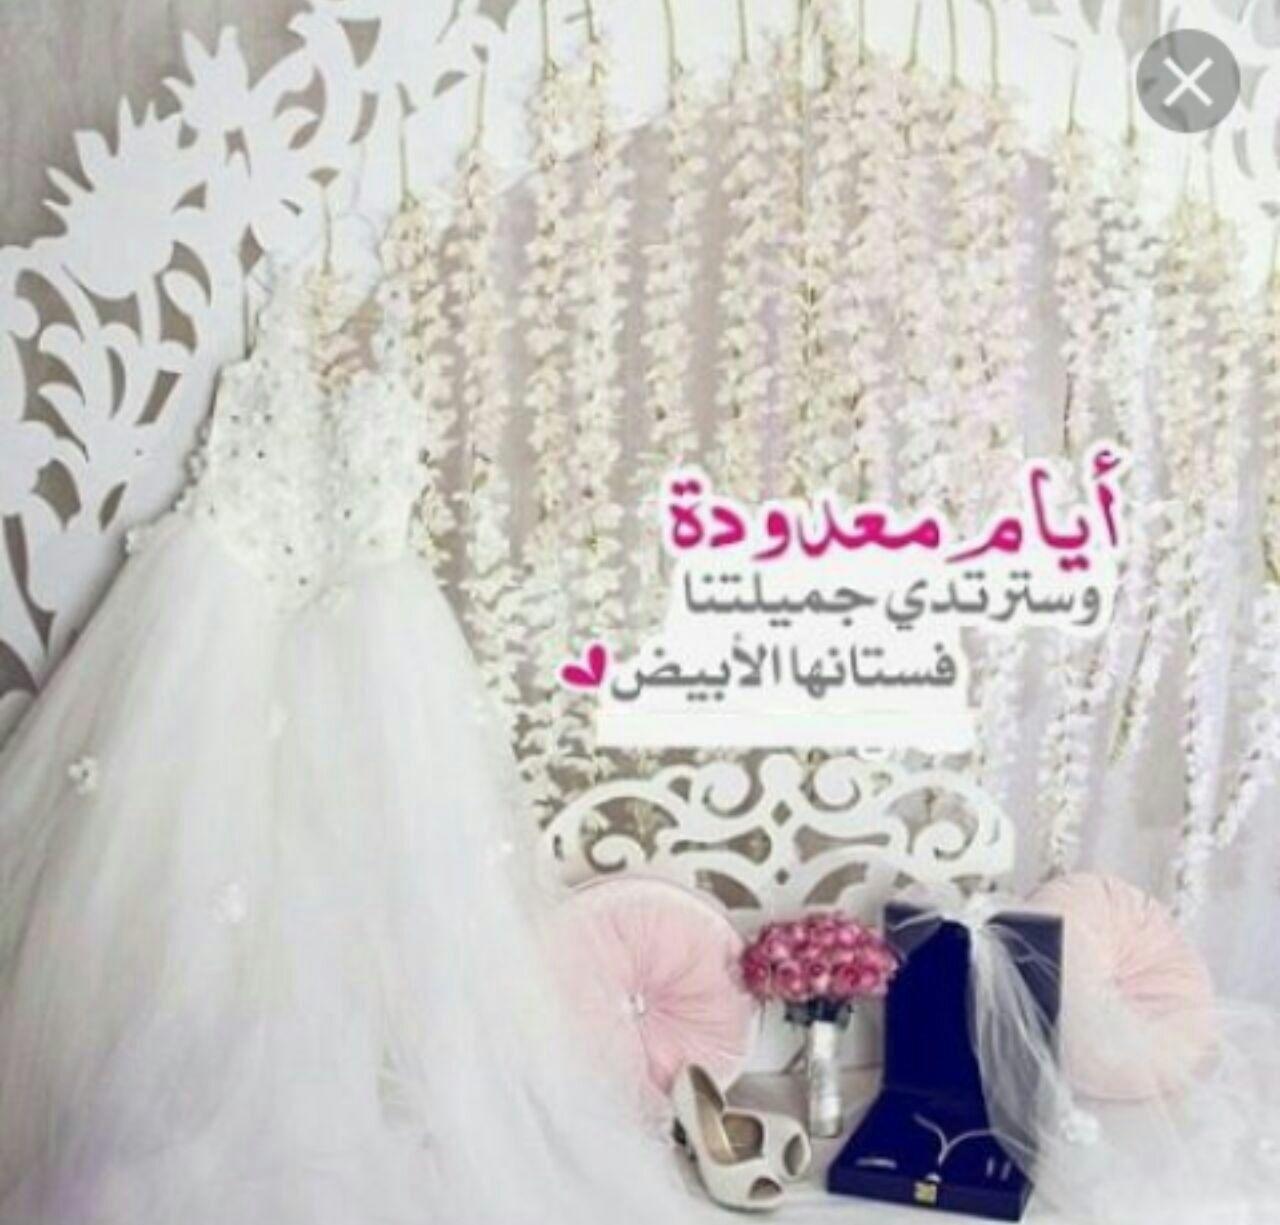 لعروستنــا ٴ افرحي قرب موعد زفافك يا زين حظ من كم ل فيك نص دينهۂ يا أجمل عر وس ي فرحهۂ دنيآن Diy Wedding Decorations Wedding Photo Display Wedding Pillars